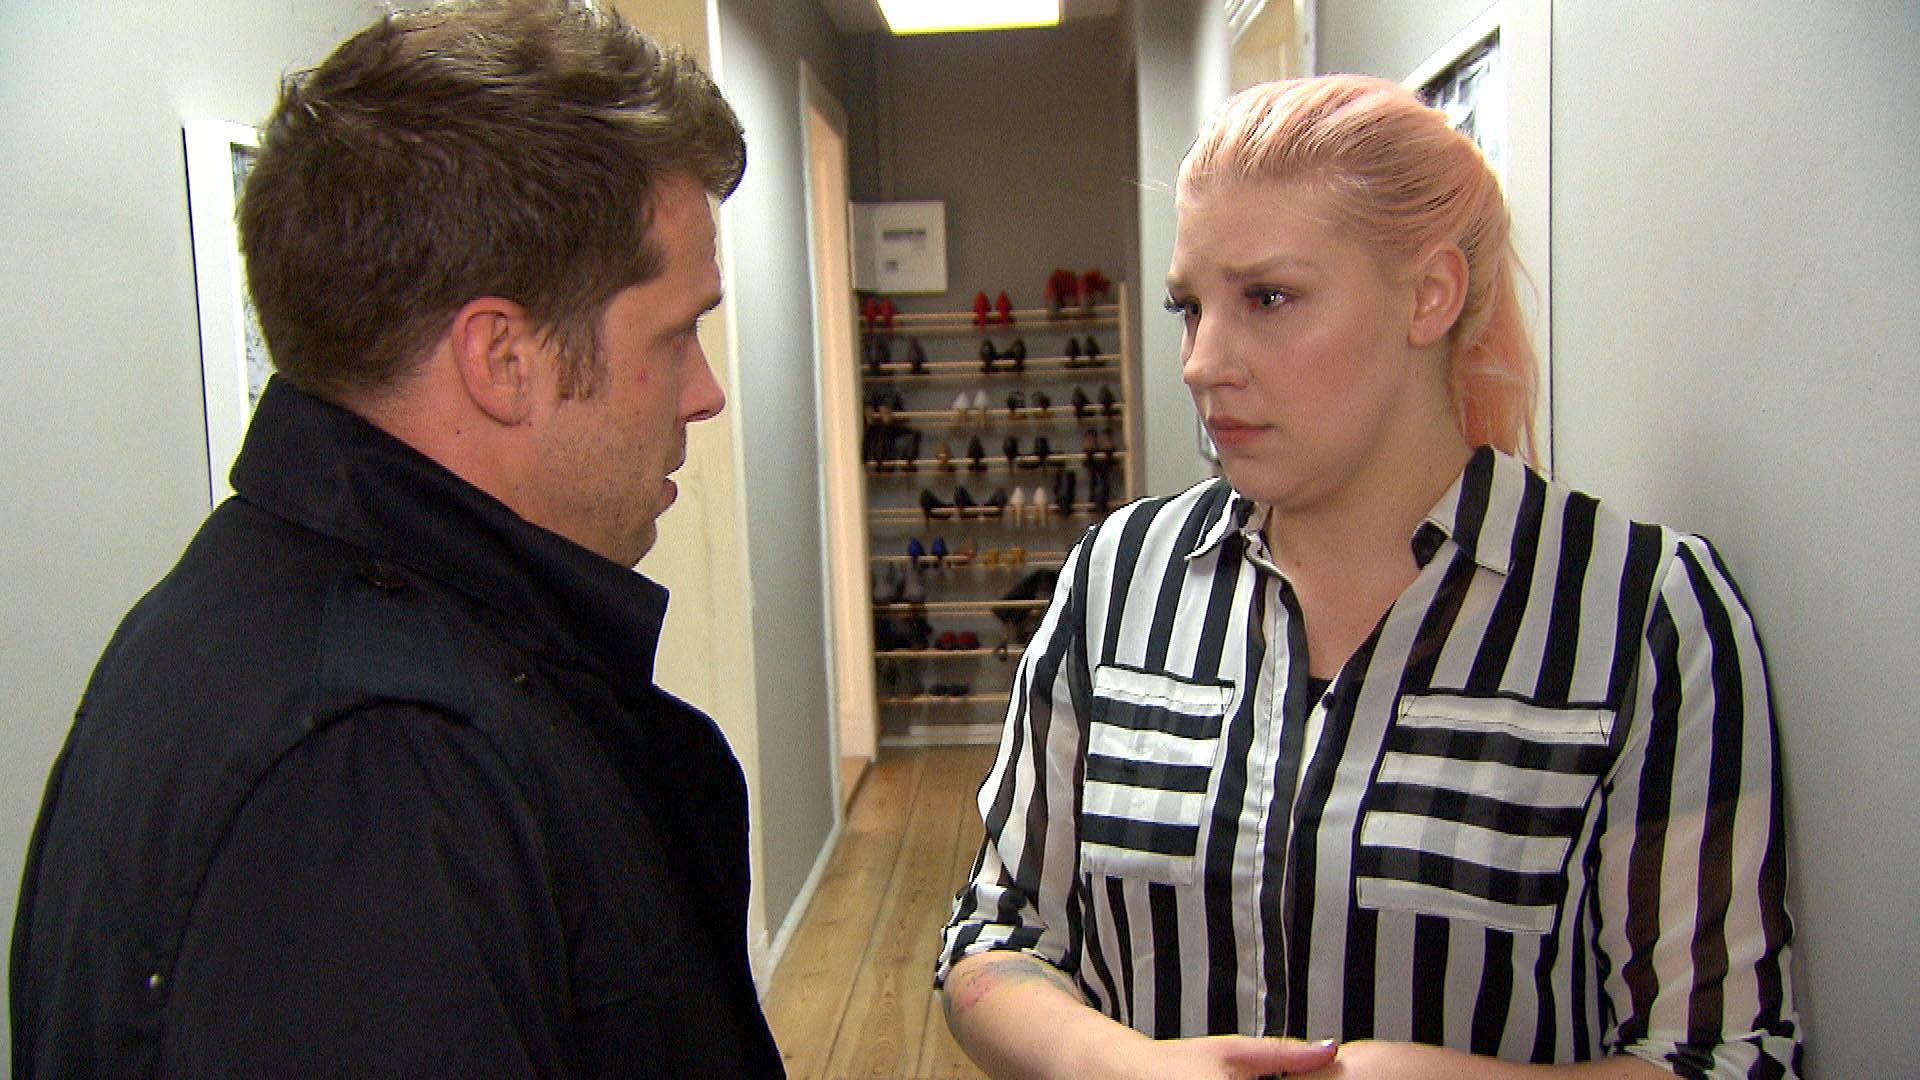 Basti (li.) kehrt niedergeschlagen zu Paula (re.) zurück. Sie schwört, dass sie nicht mit David geschlafen hat und dessen Brief eine Lüge war. (Quelle: RTL 2)